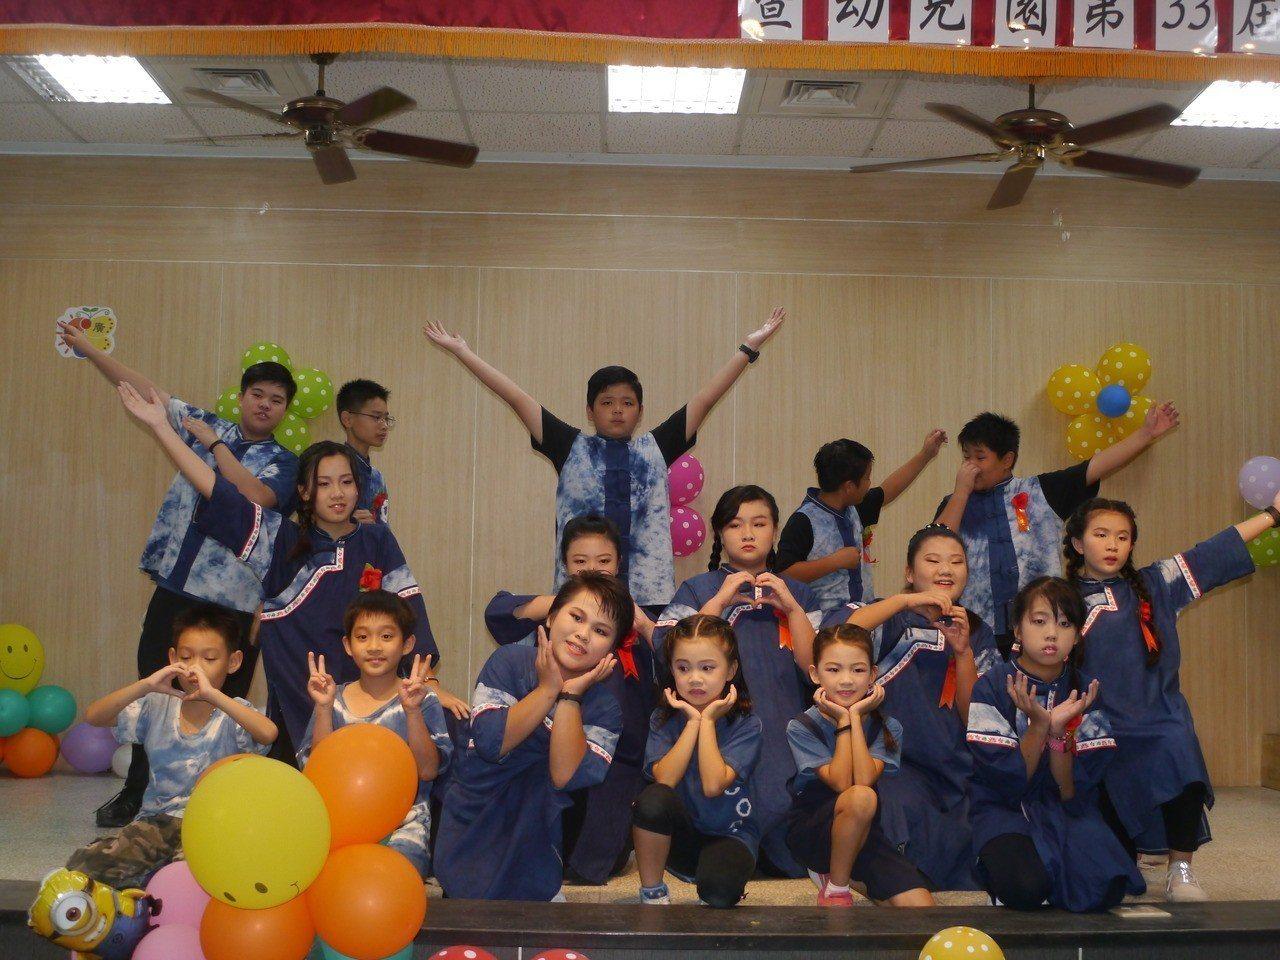 美濃廣興國小畢業生穿上自己親手染製的藍衫參加畢業典禮。記者徐白櫻/攝影